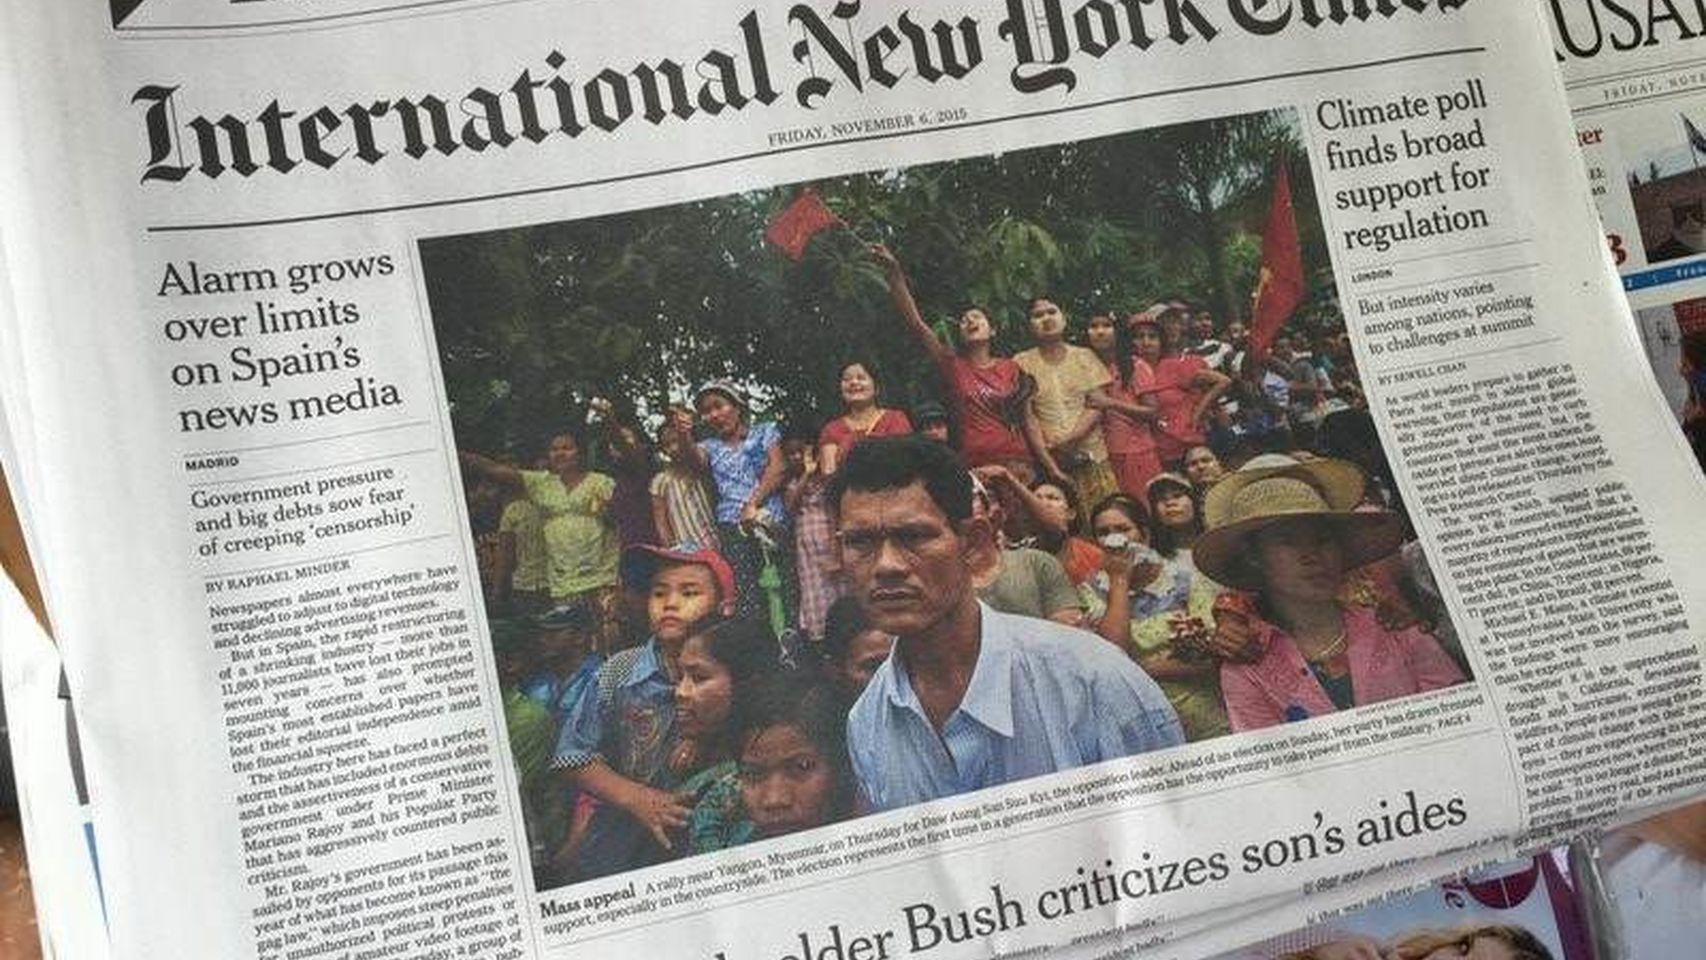 AEDE defiende la calidad de la libertad de prensa en España frente a las acusaciones de The New York Times